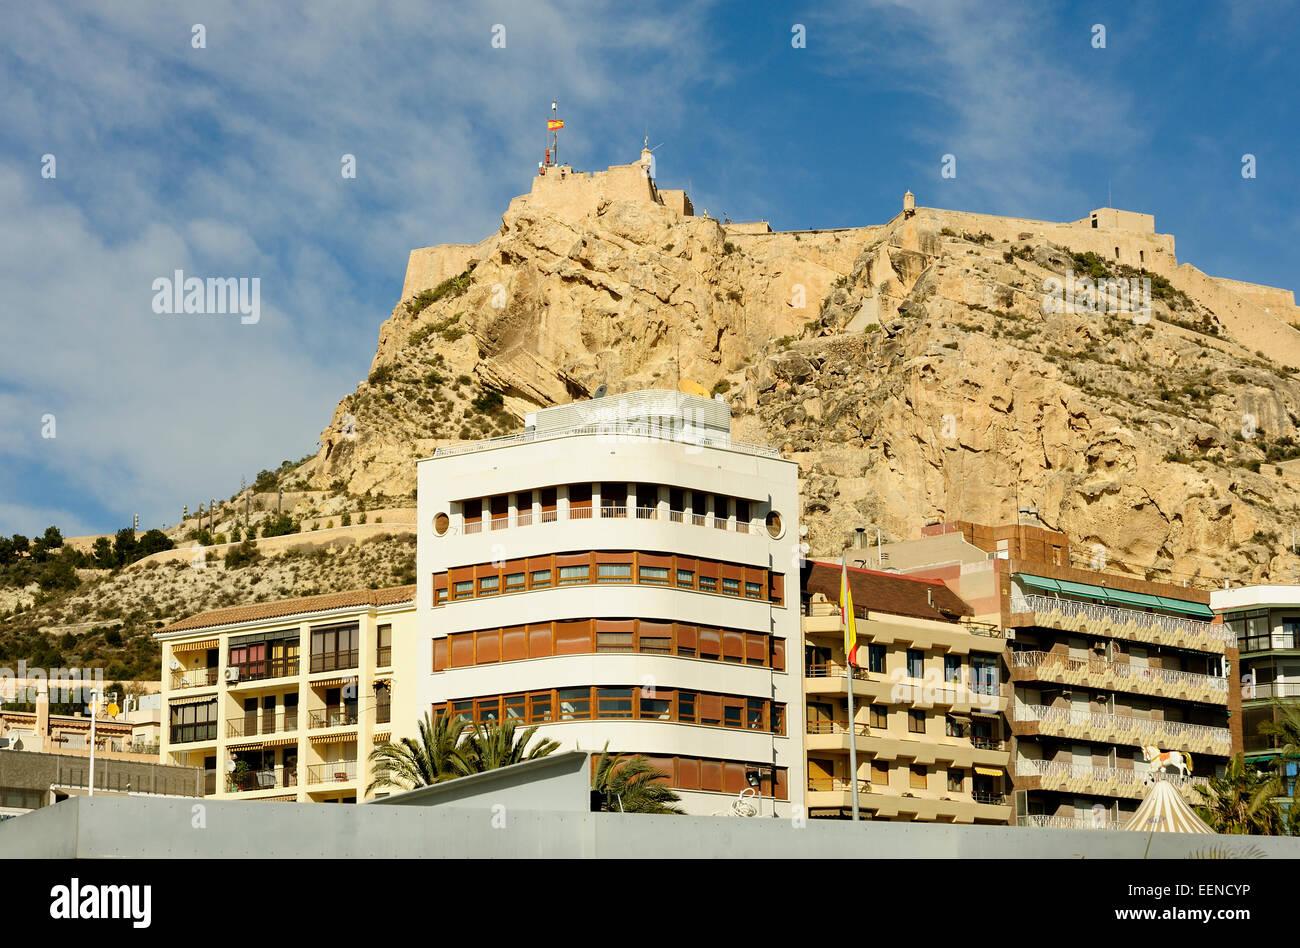 Castle of Santa Barbara (Castillo de Santa Barbara) Alicante Spain - Stock Image